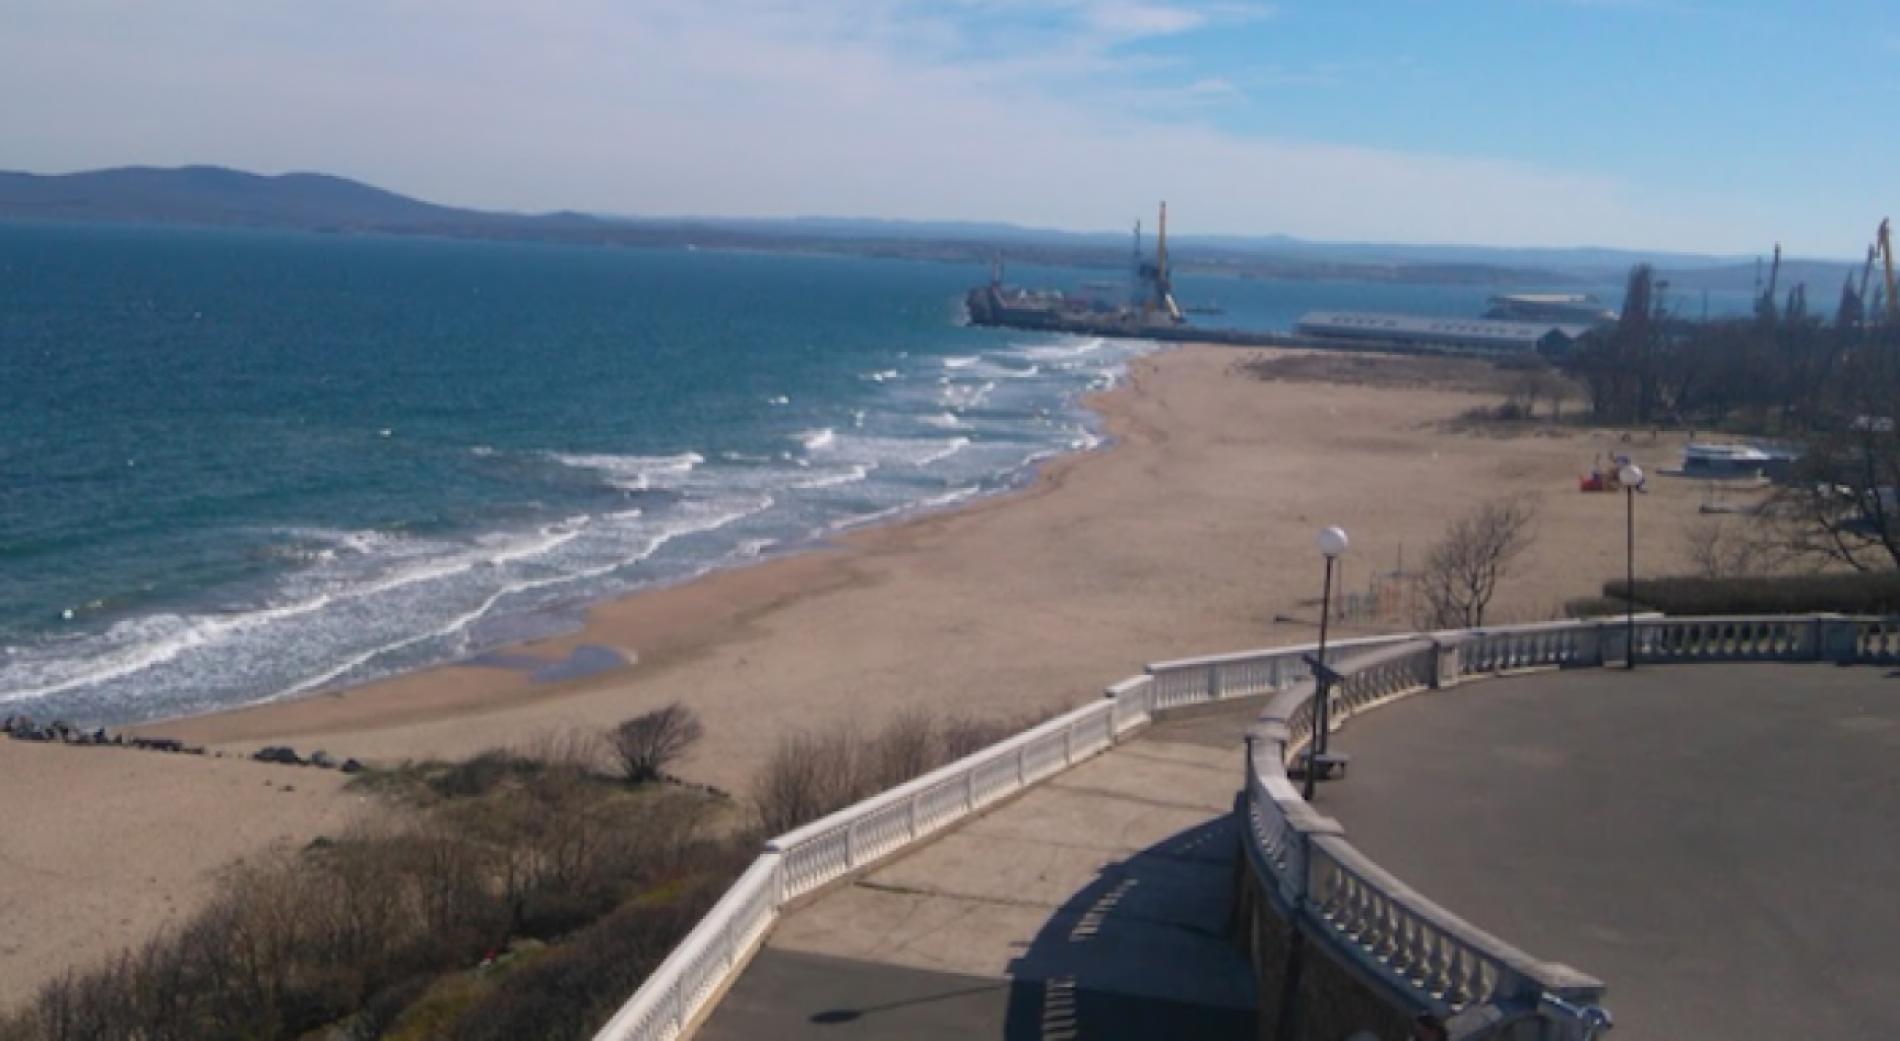 Сломали бинокль на террасе Бургасского культурного центра «Морское казино»